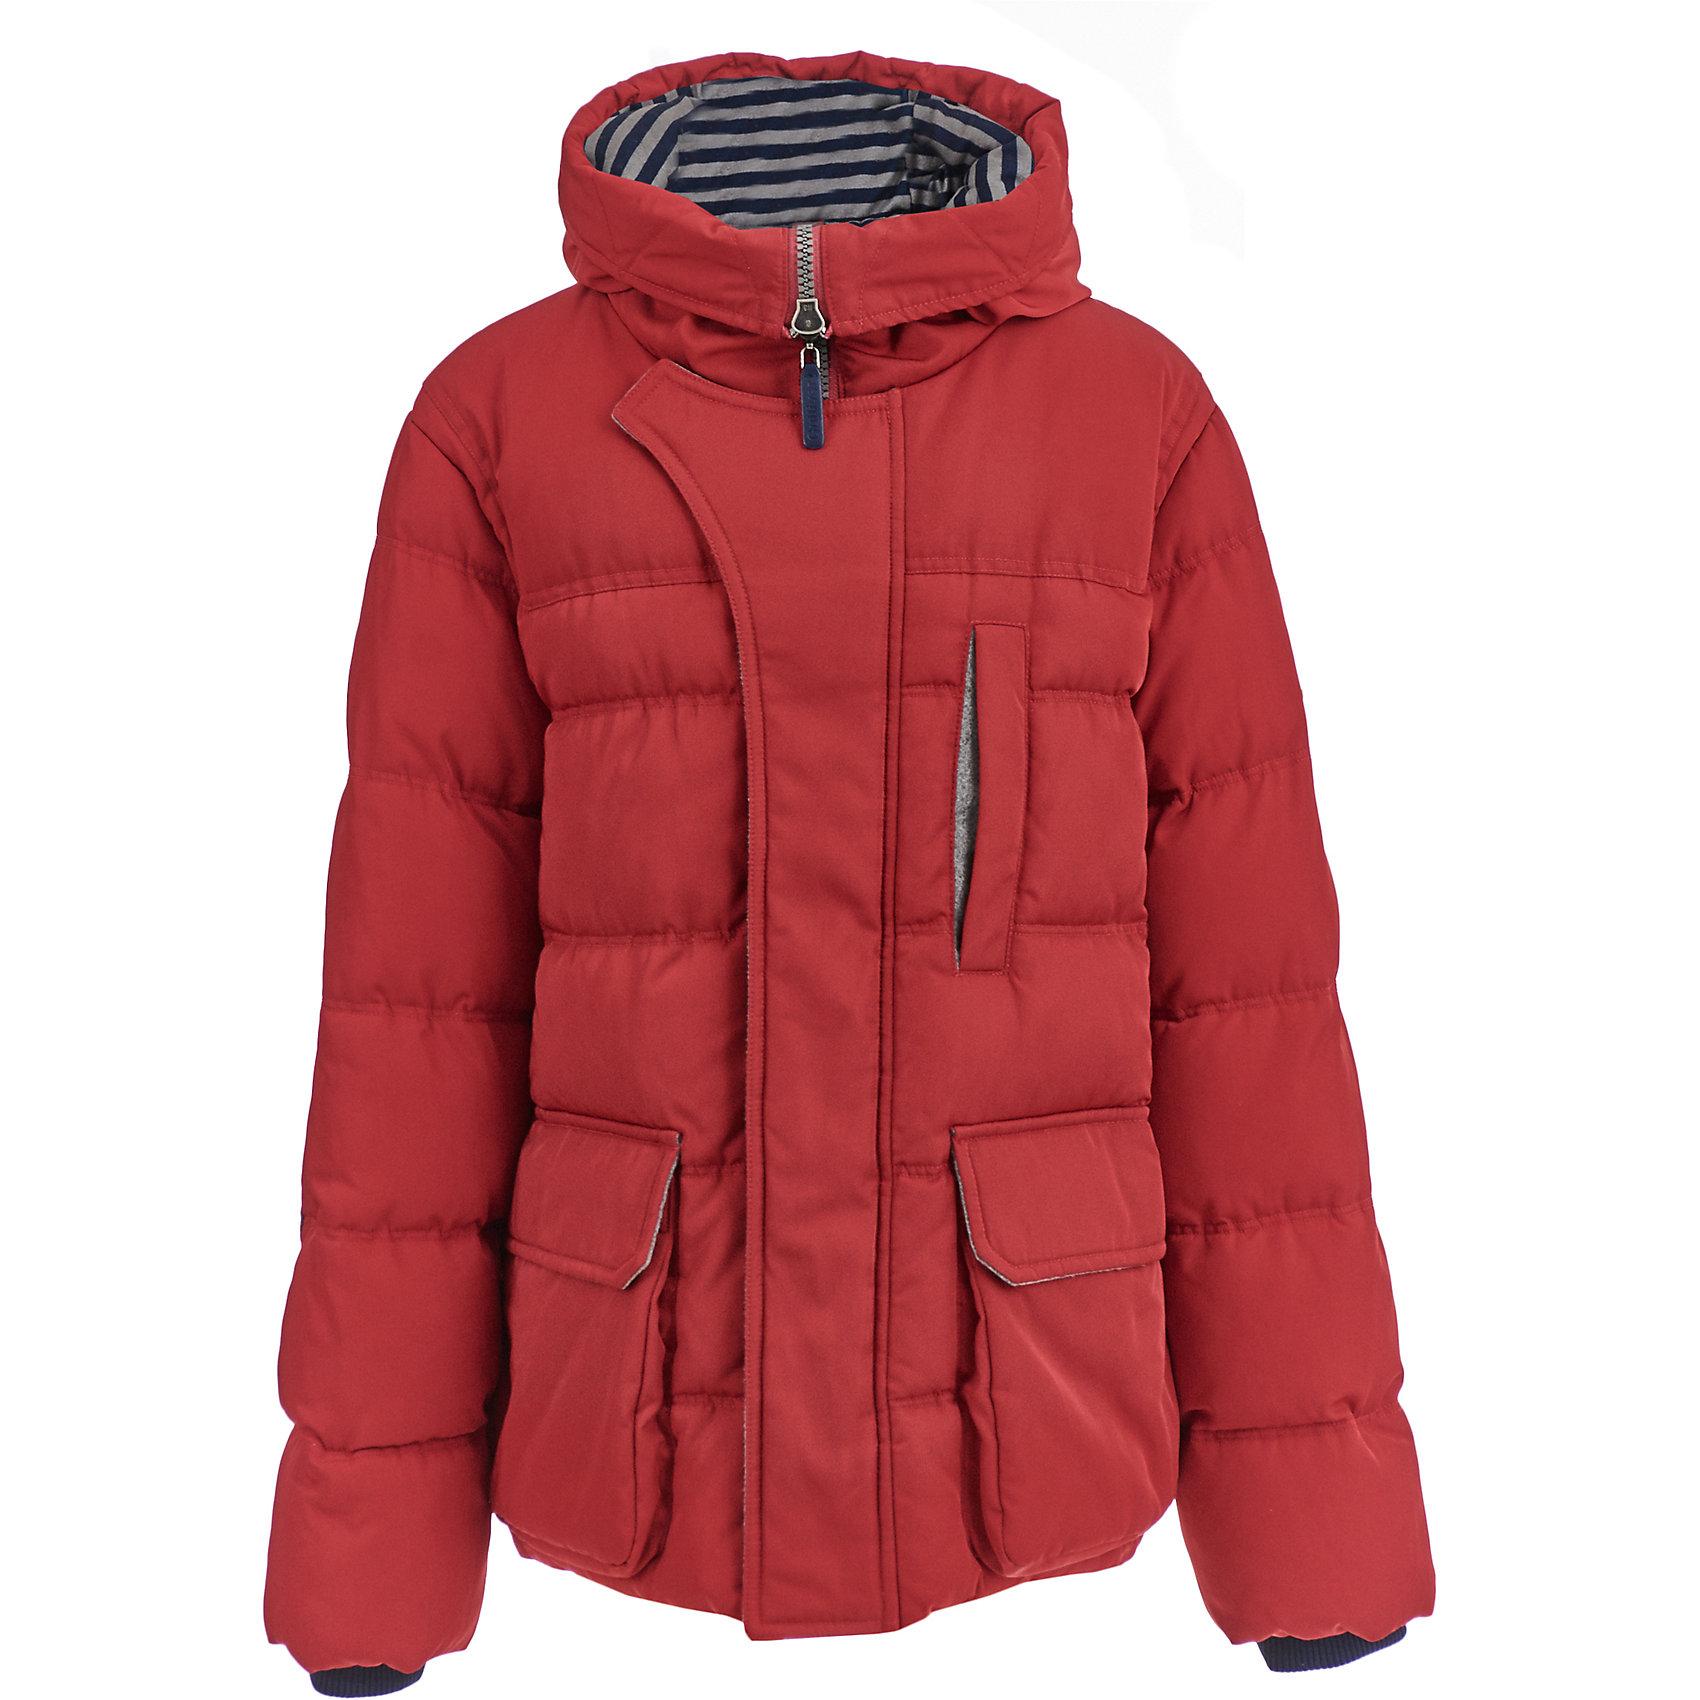 Куртка Gulliver для мальчикаДемисезонные куртки<br>Куртка Gulliver для мальчика<br>Купить куртку - такую задачу ставят перед собой мамы мальчиков, отправляясь на осенний шопинг. Хорошая утепленная куртка для мальчика - вещь совершенно необходимая! Новый осенне-зимний сезон требует идти в ногу со временем, быть стильным, актуальным, современным! Модная стеганая куртка-пиджак - именно то, что нужно подростку! Она выглядит интересно, солидно, достойно, придавая осеннему образу мальчика особую элегантность. При этом, куртка удобна, не стесняет движений и позволяет мальчику быть самим собой, т.к. очень практична и комфортна. Изюминка модели в дополнительной детали, защищающей от ветра и имитирующей модную многослойность.<br>Состав:<br>верх: 100% полиэстер; подкладка: 100% полиэстер; утеплитель: 100% полиэстер<br><br>Ширина мм: 356<br>Глубина мм: 10<br>Высота мм: 245<br>Вес г: 519<br>Цвет: красный<br>Возраст от месяцев: 156<br>Возраст до месяцев: 168<br>Пол: Мужской<br>Возраст: Детский<br>Размер: 164,146,152,158<br>SKU: 7077309